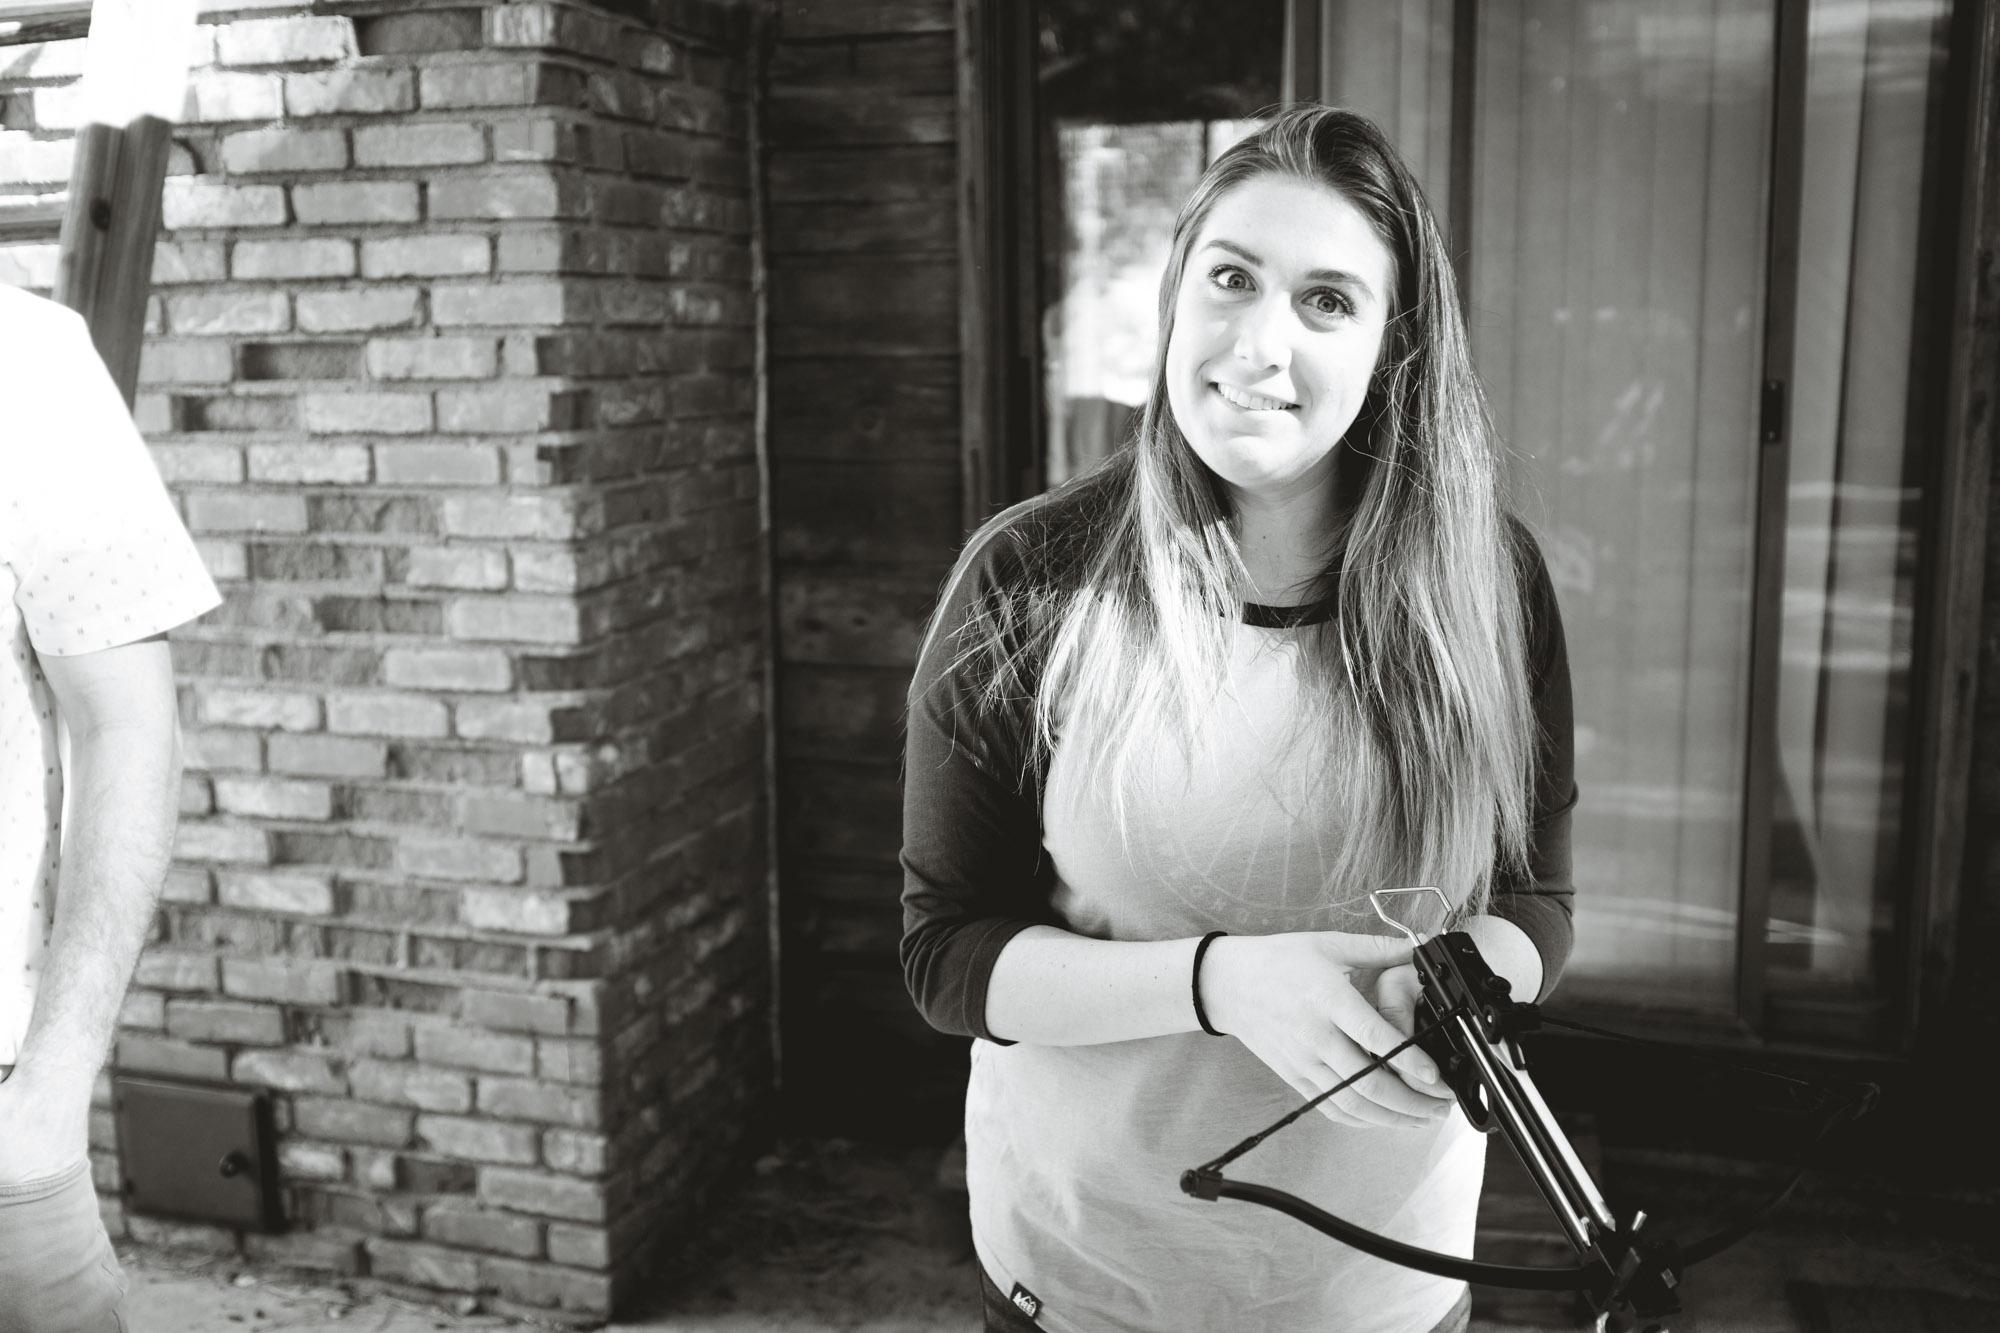 Caitlyn holding a crossbow